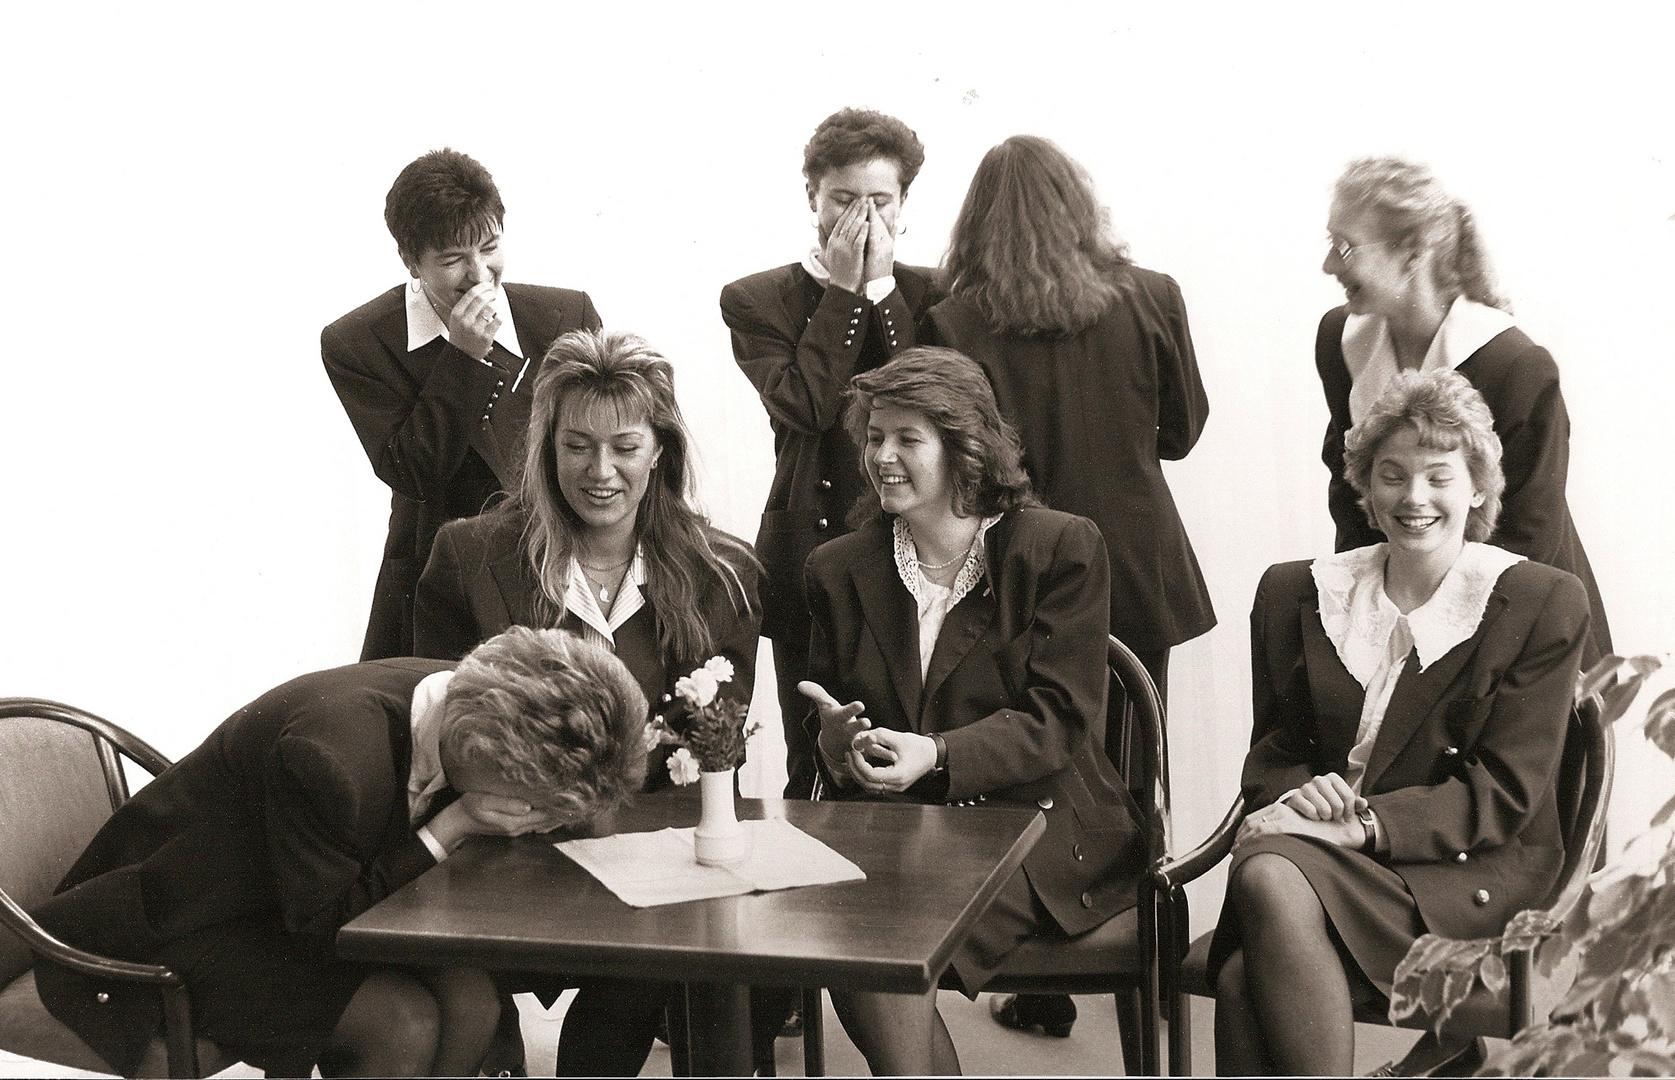 Archiv 41, Viel Spass beim Fototermin, ca. 1989